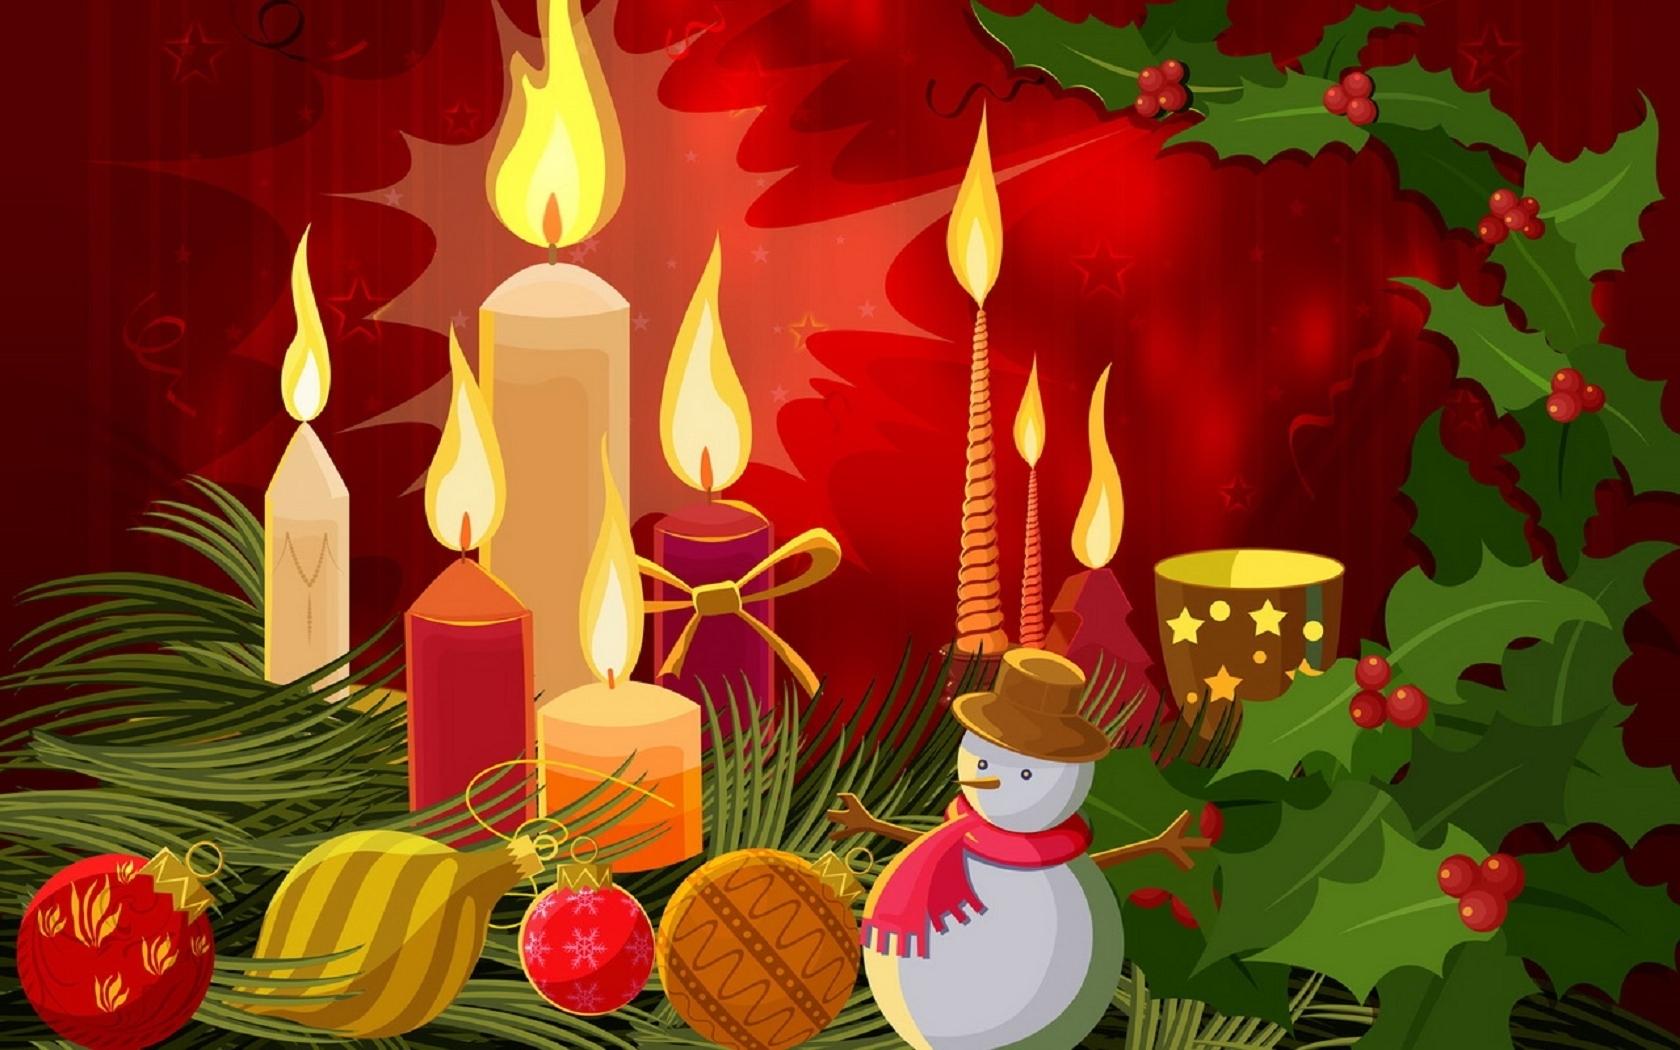 https://i0.wp.com/images4.fanpop.com/image/photos/16700000/Christmas-Time-christmas-16778340-1680-1050.jpg